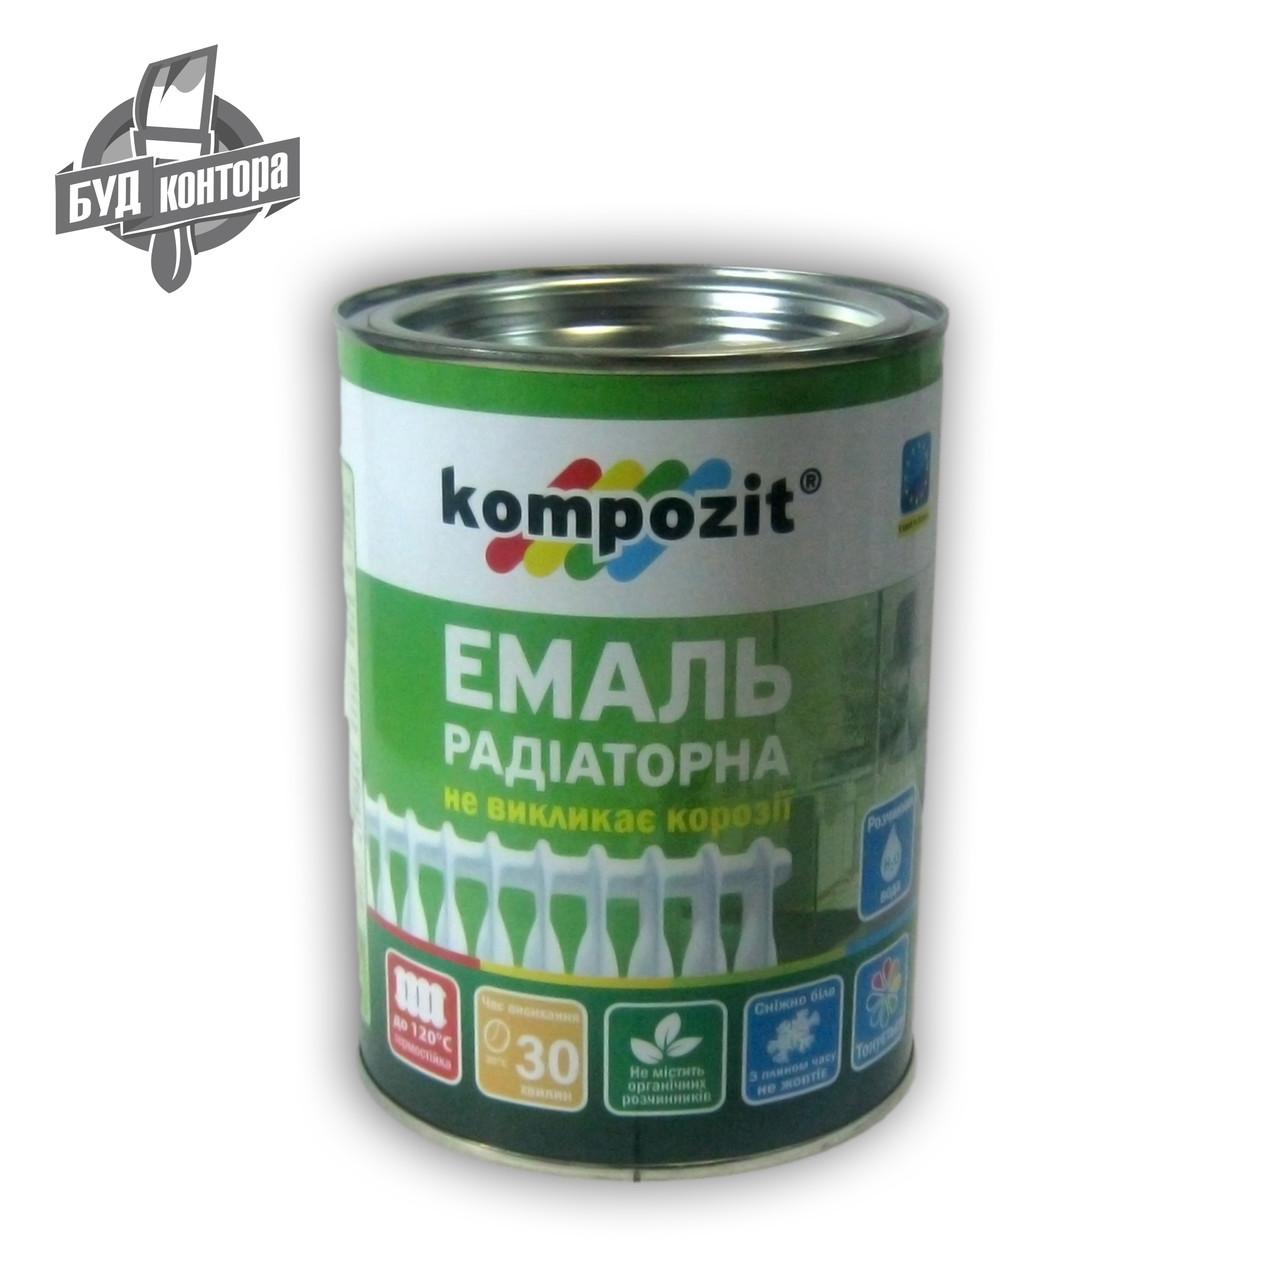 """Емаль """"Композит"""" акрилова радіаторна"""